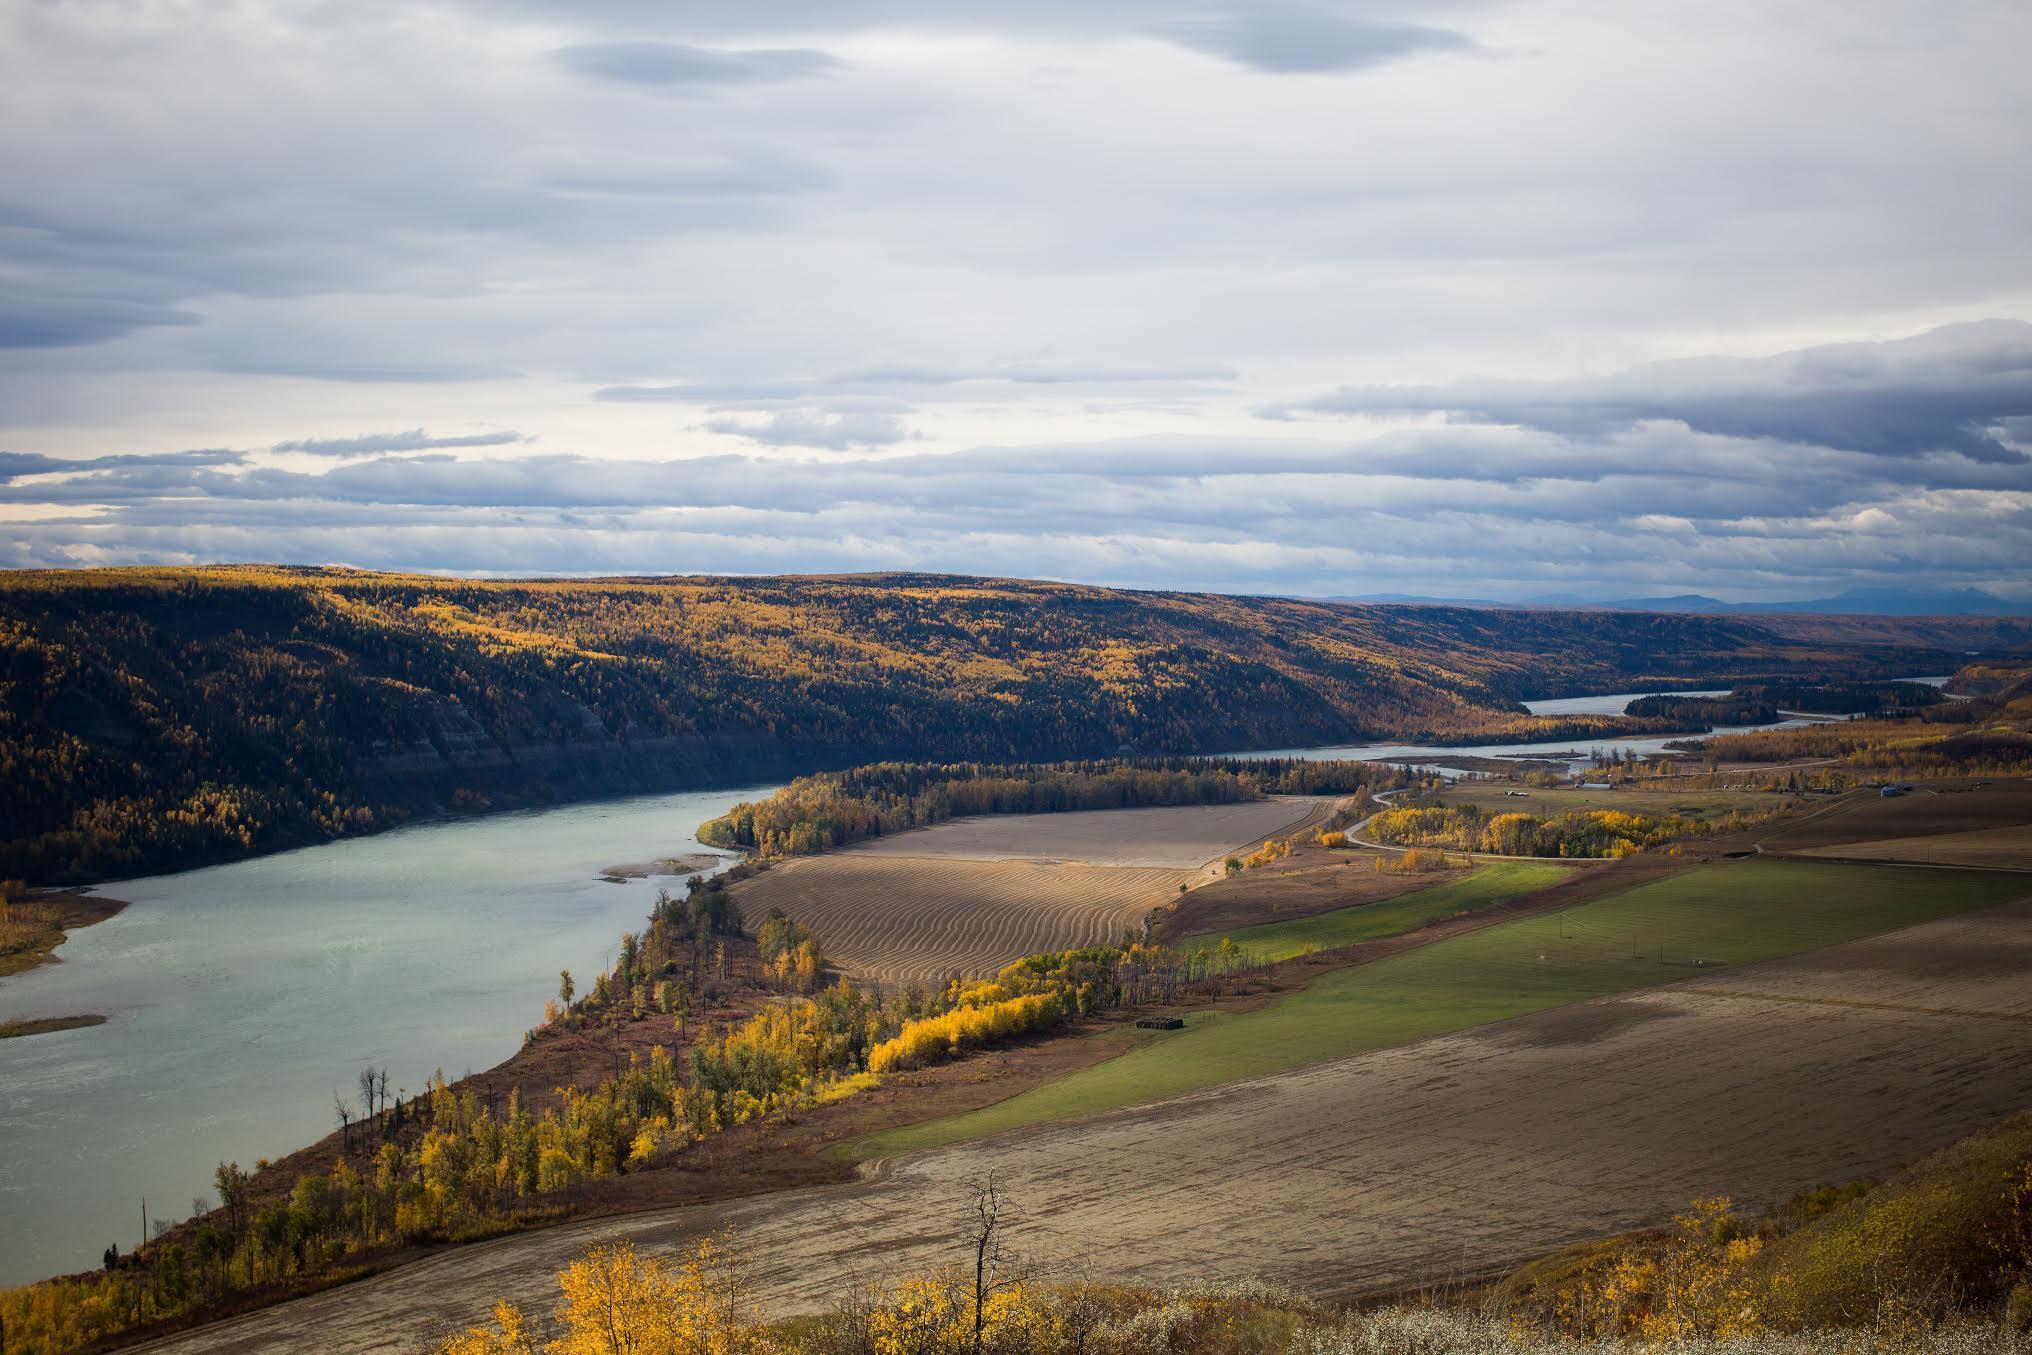 Ben Nelms photo of Peace River Farmland